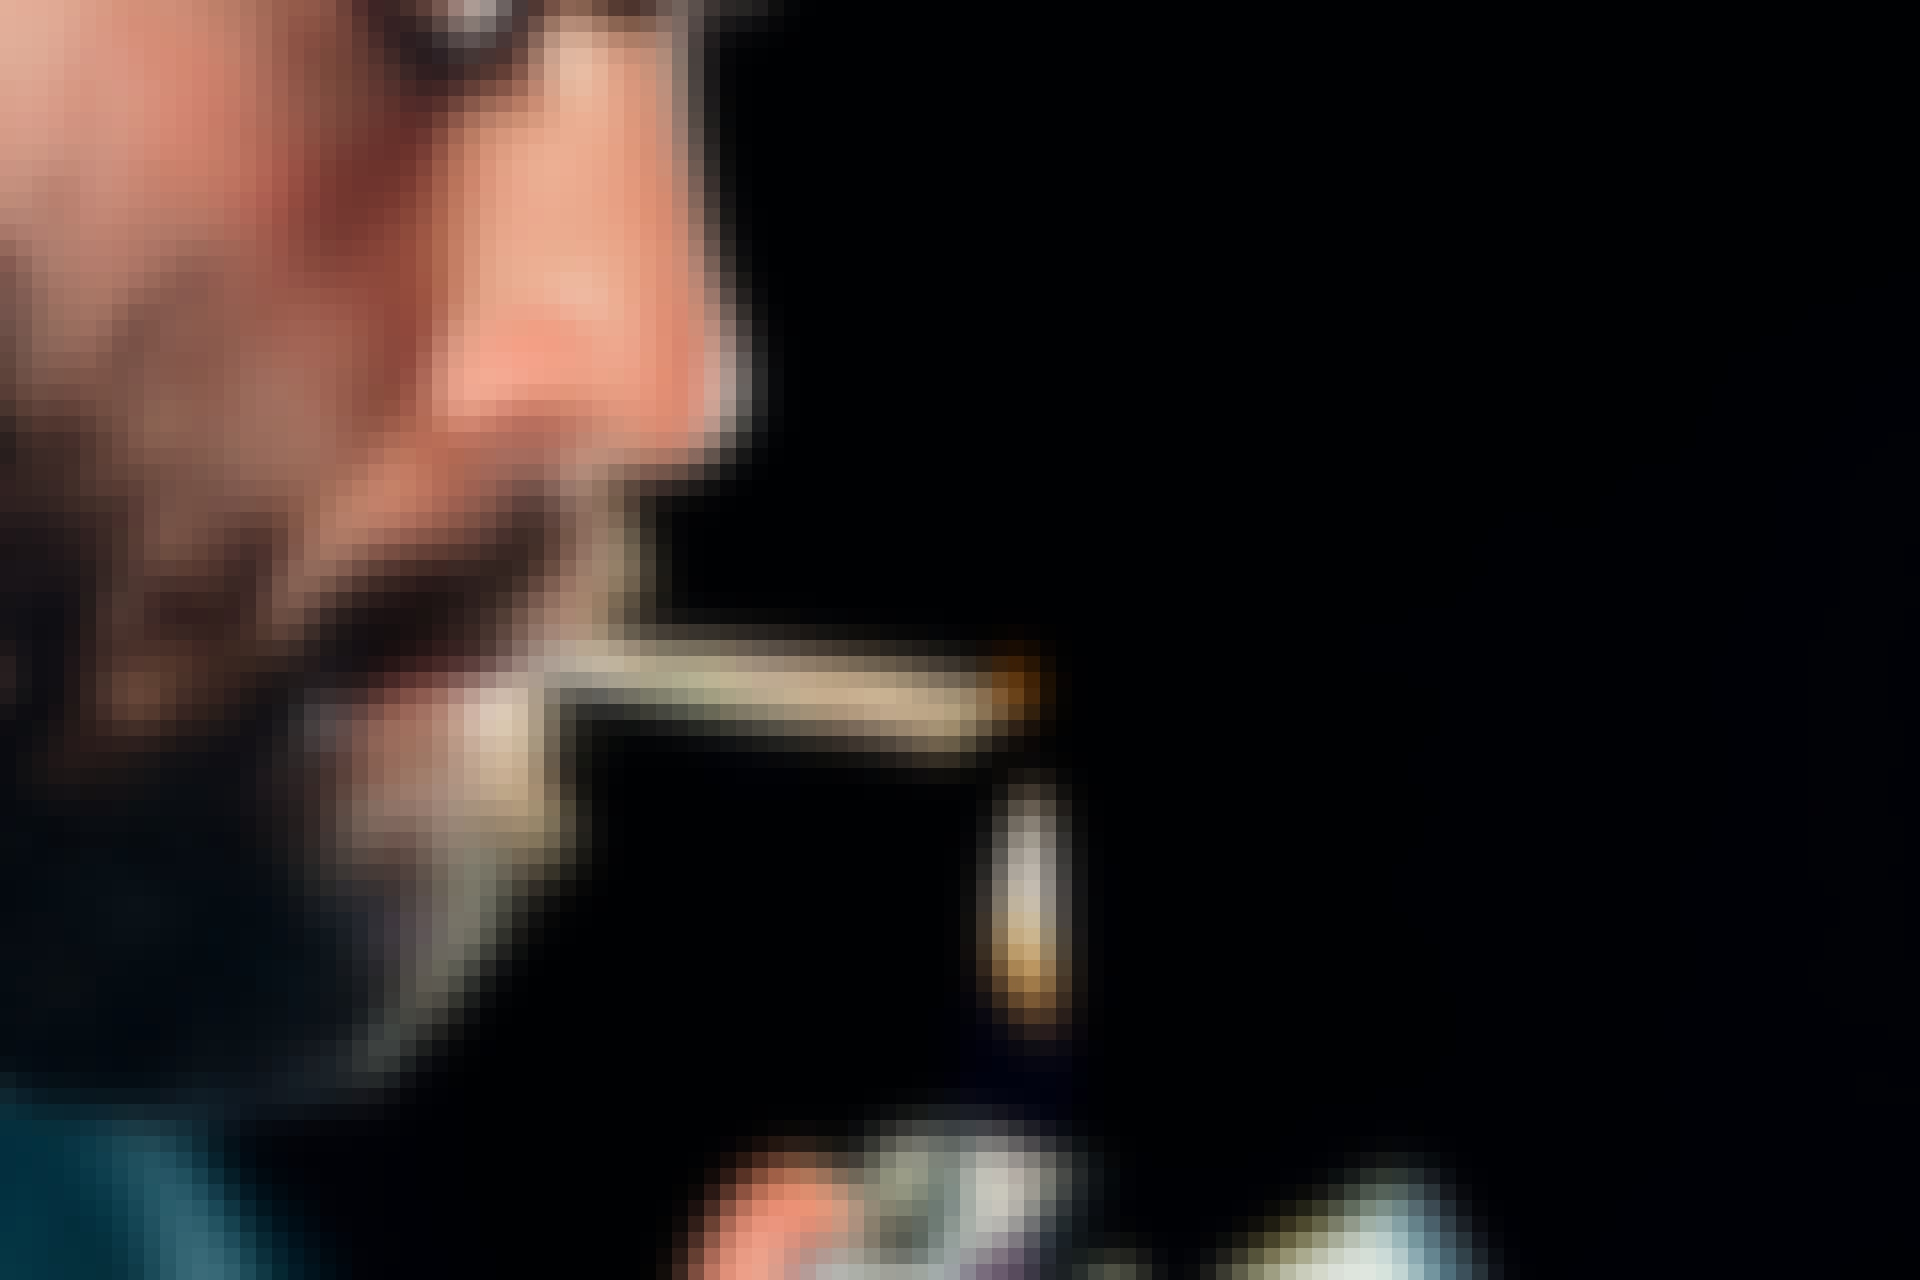 Kannabis top